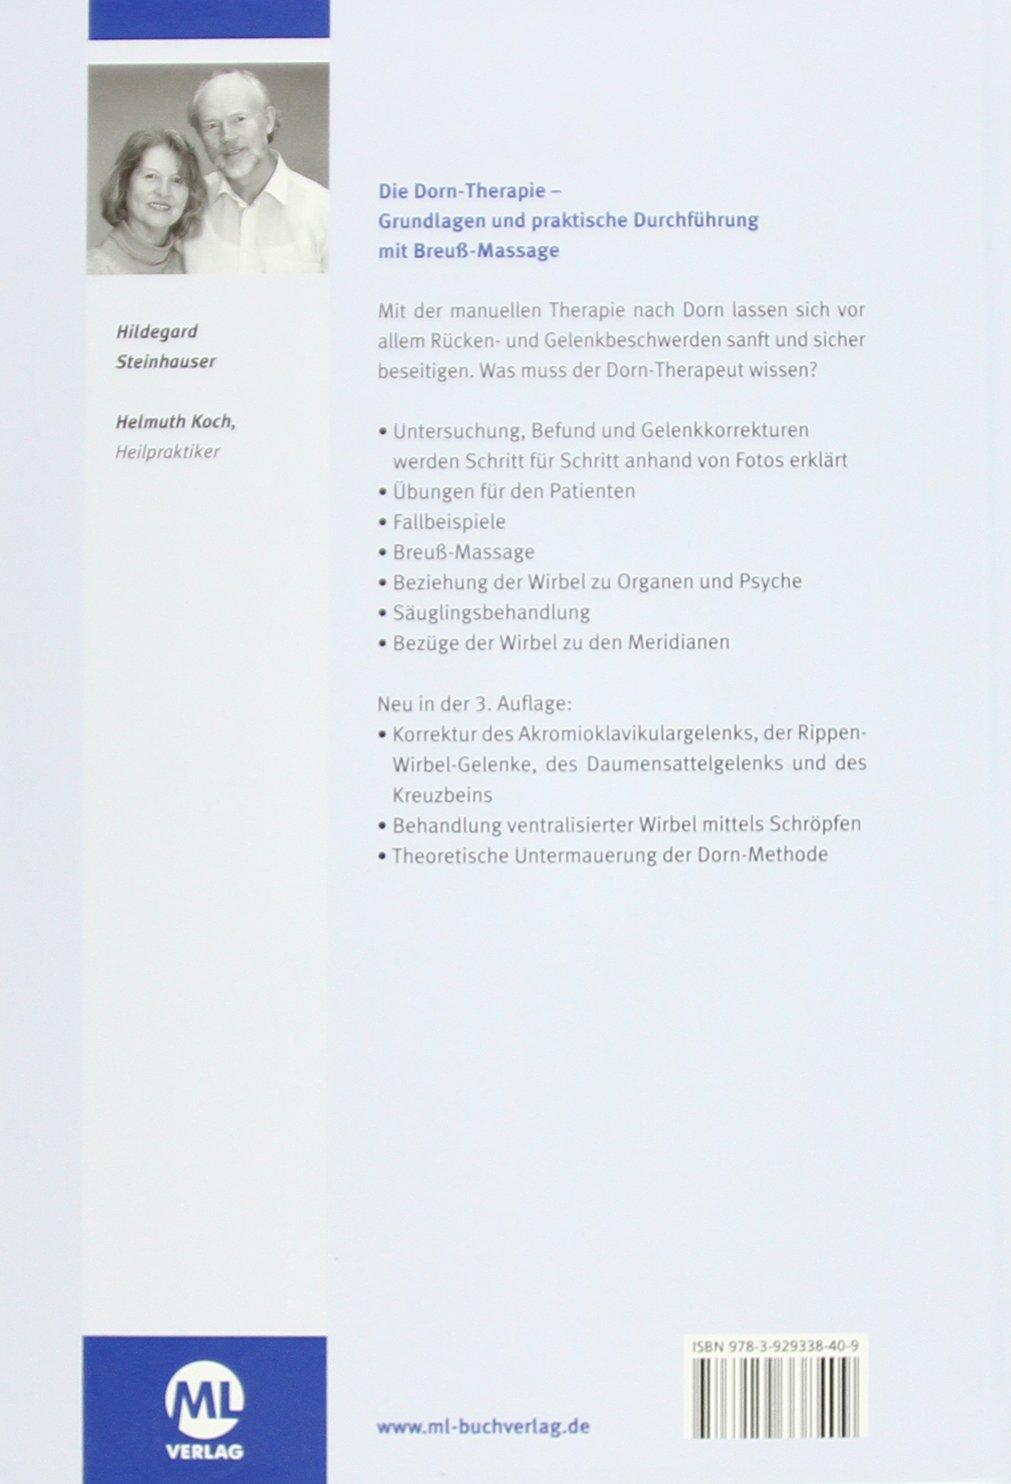 Die Dorn-Therapie: Grundlagen und praktische Durchführung. Mit Breuß ...